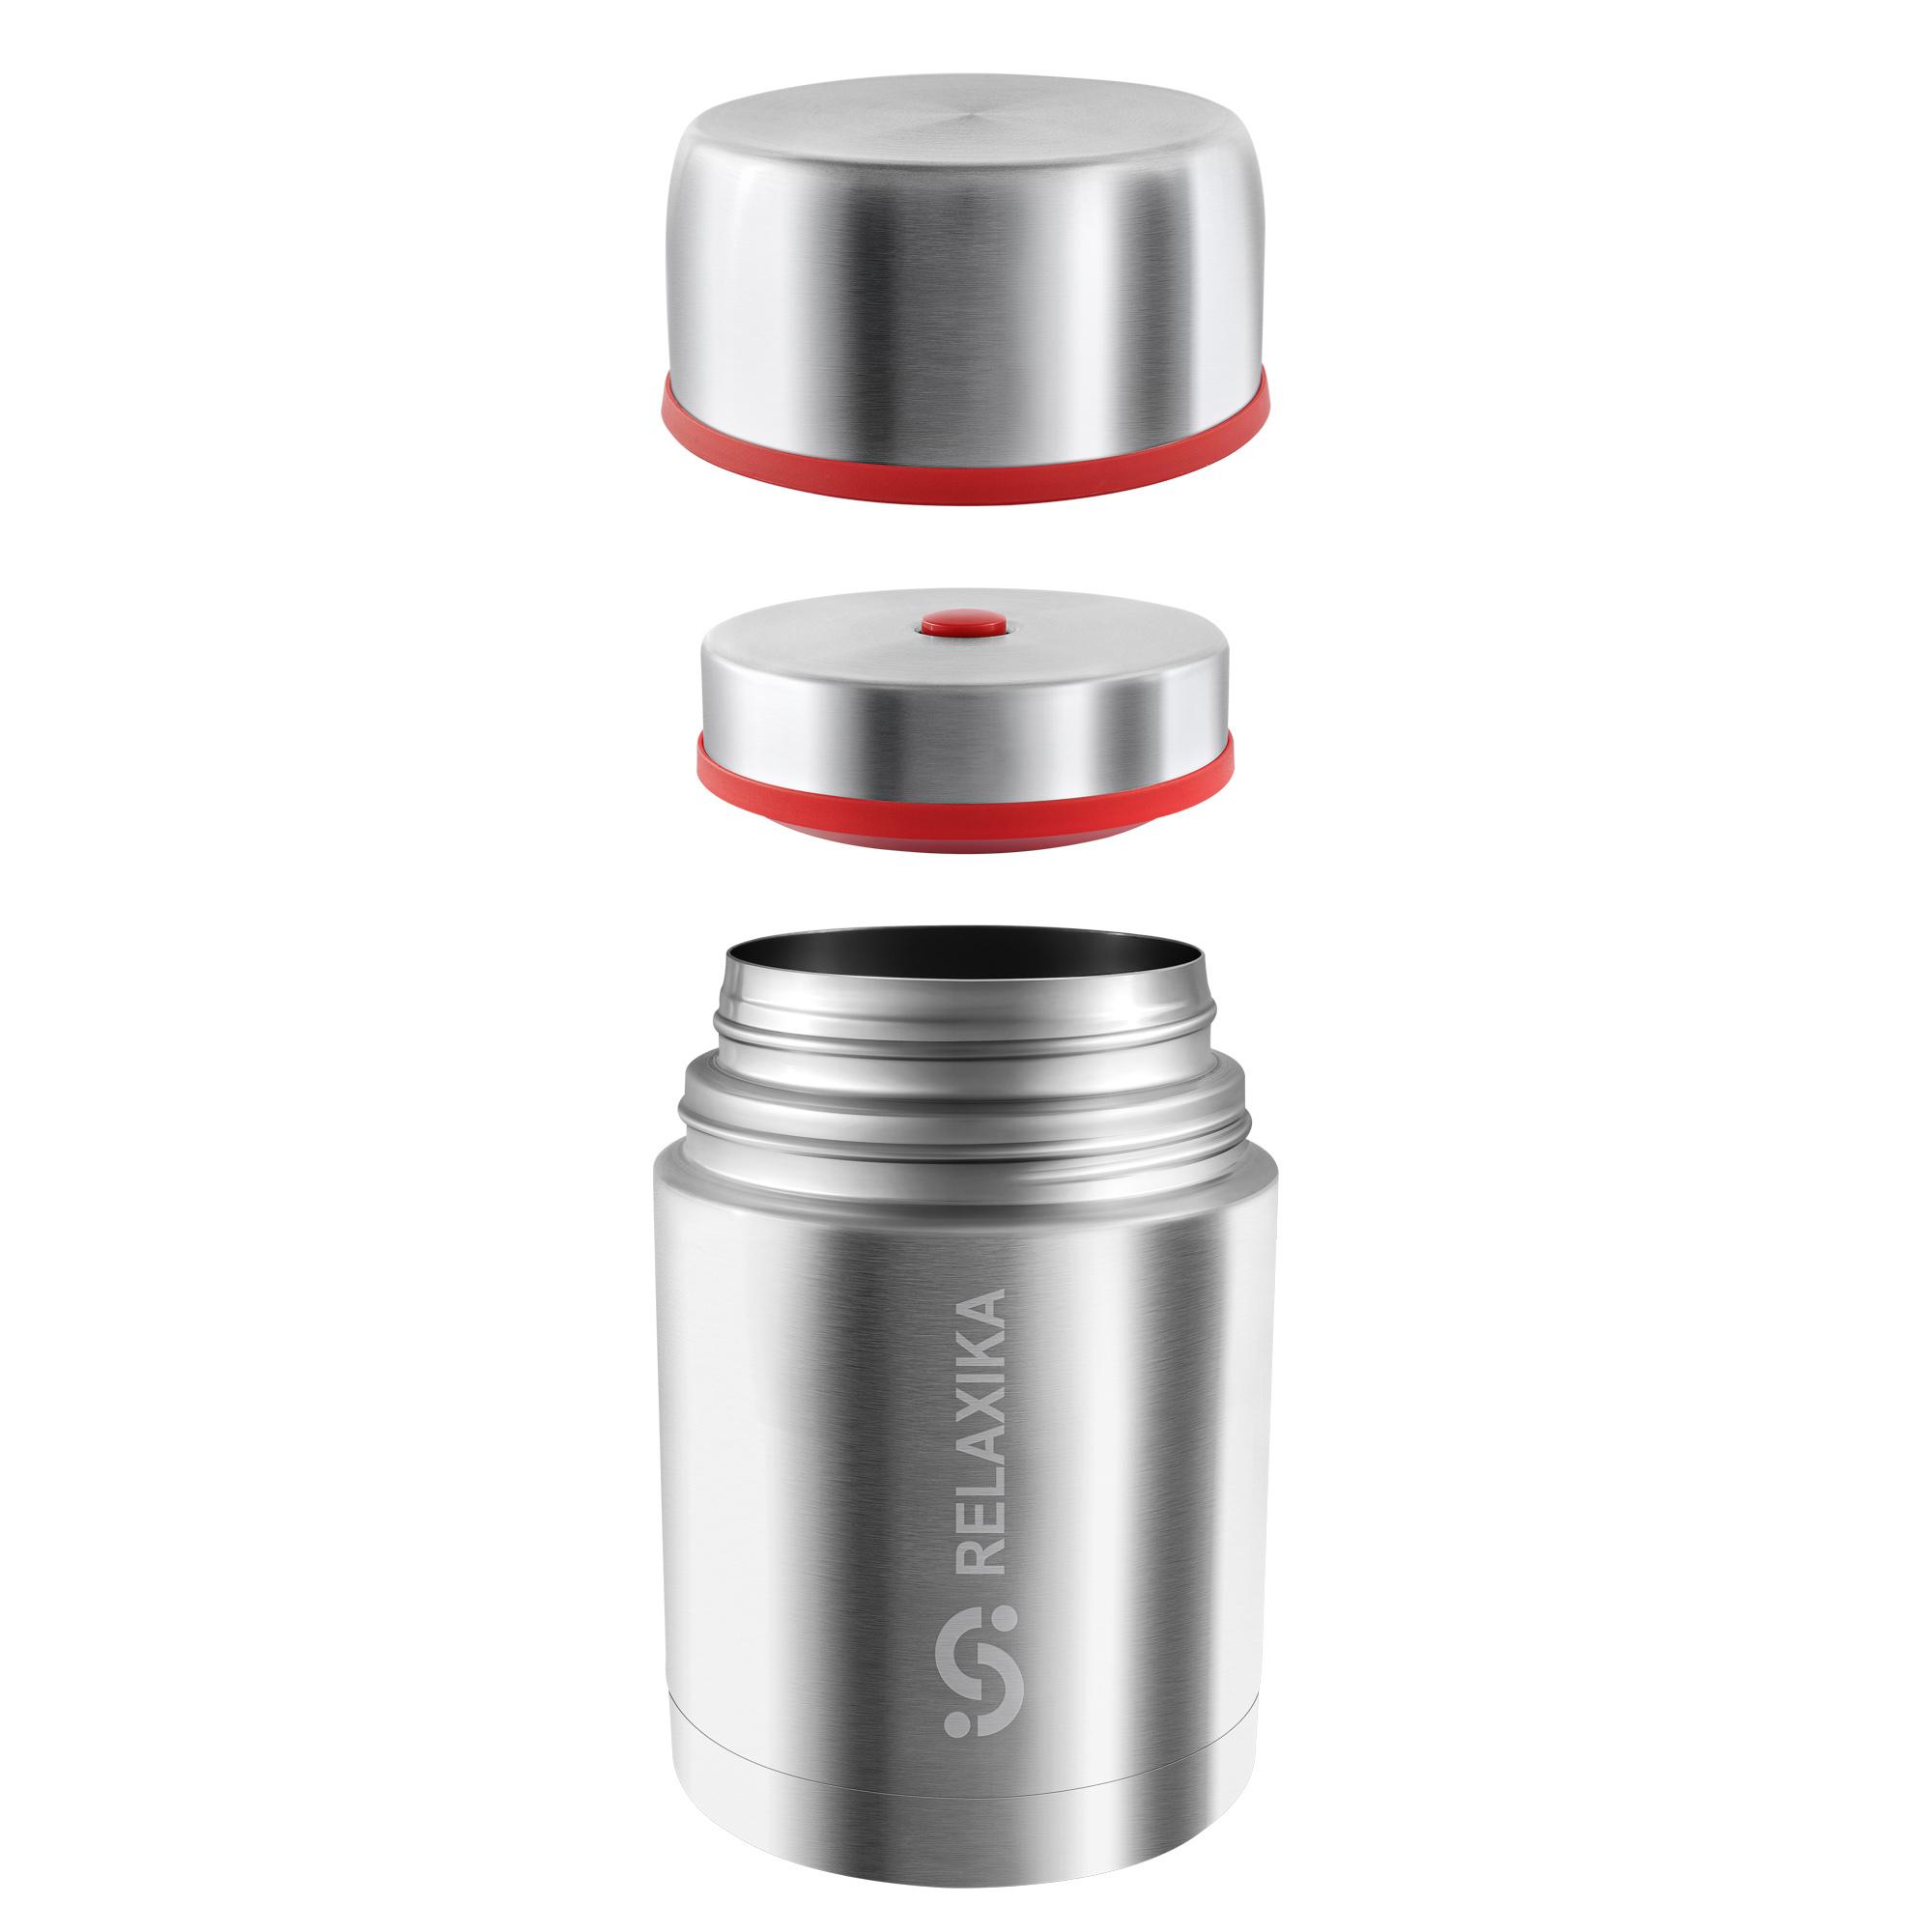 Термос для еды Relaxika 301 (0,7 литра) в чехле, стальной